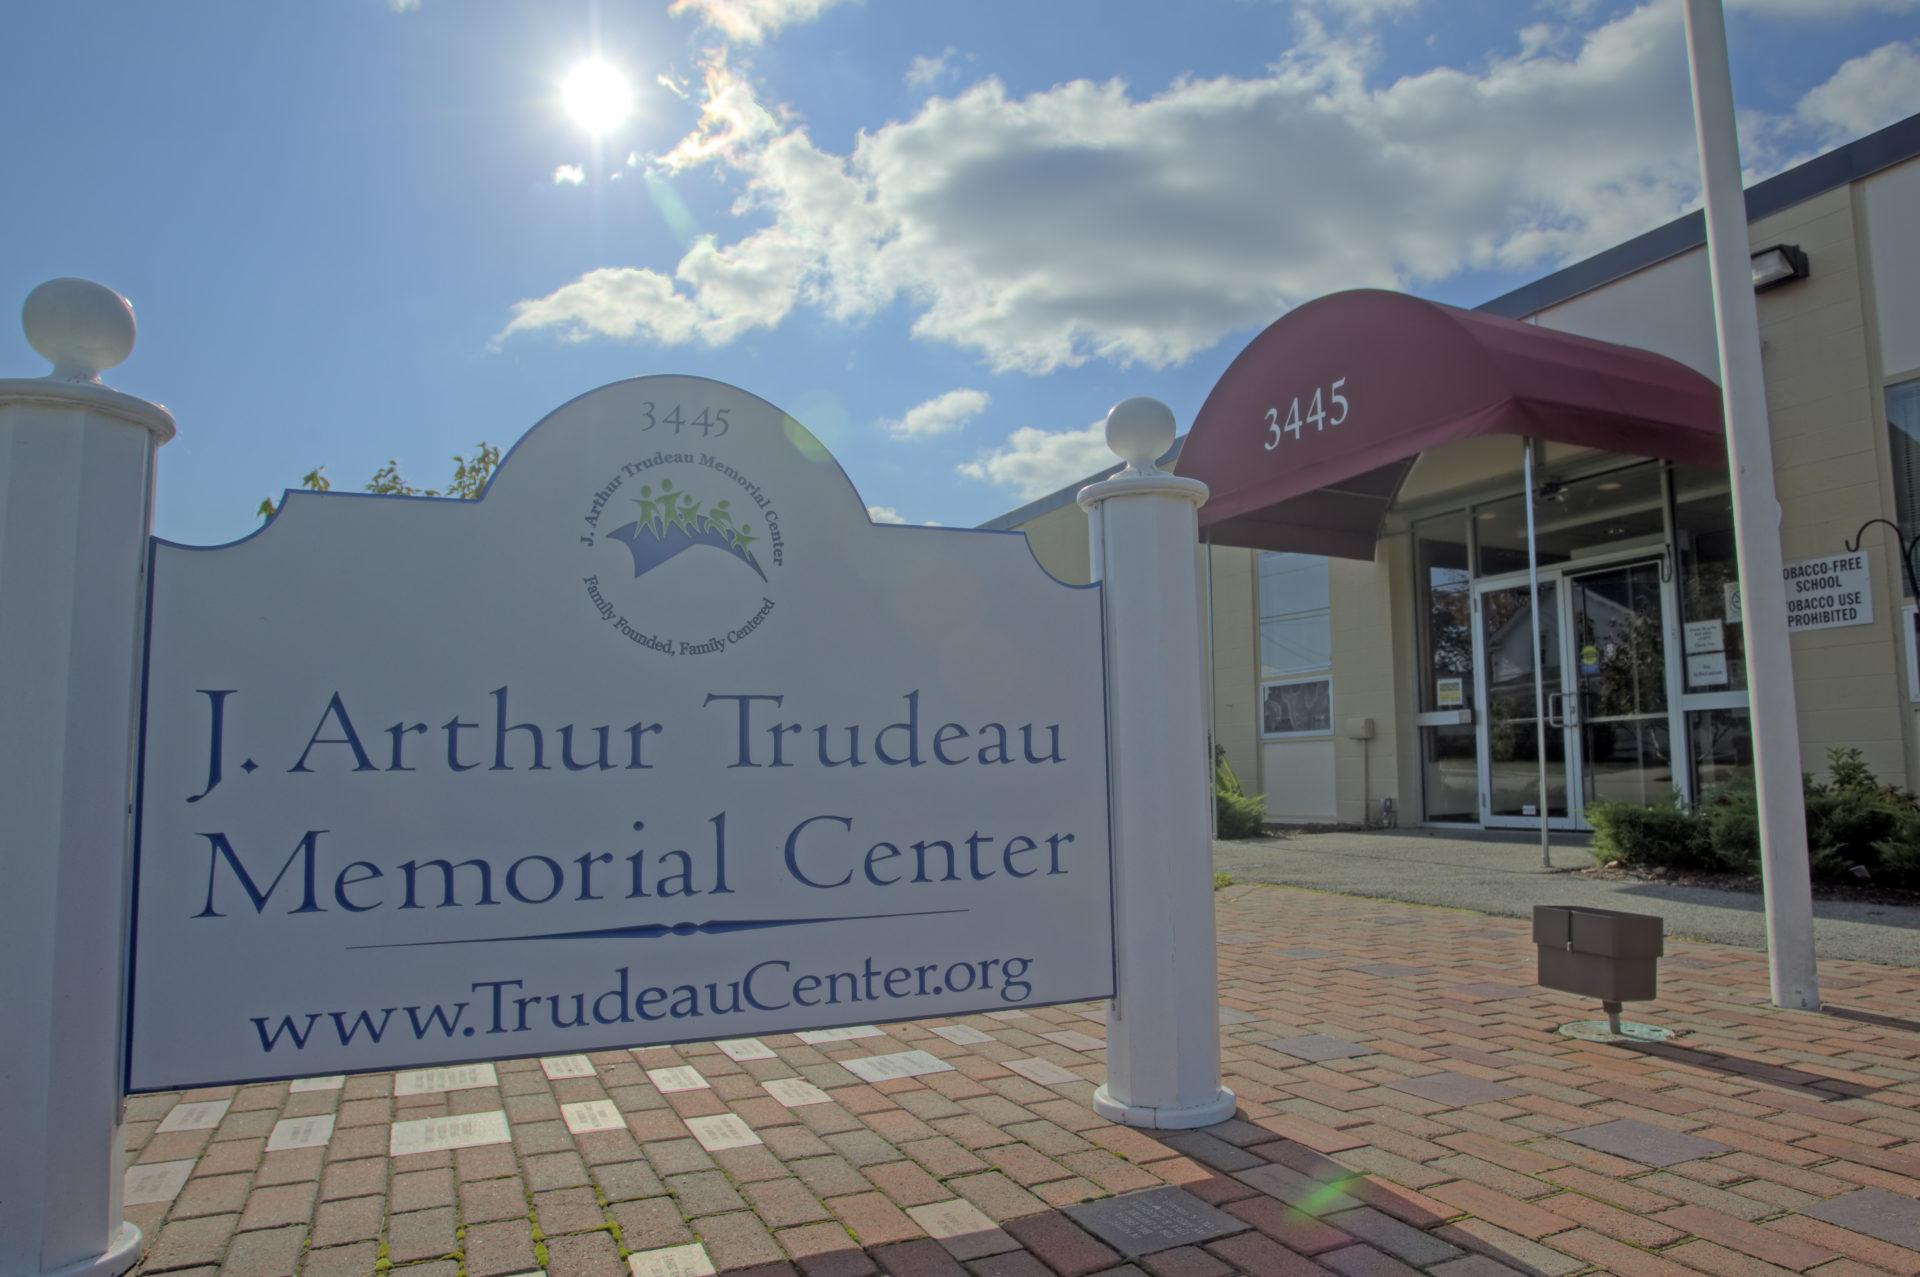 Trudeau Memorial Center logo